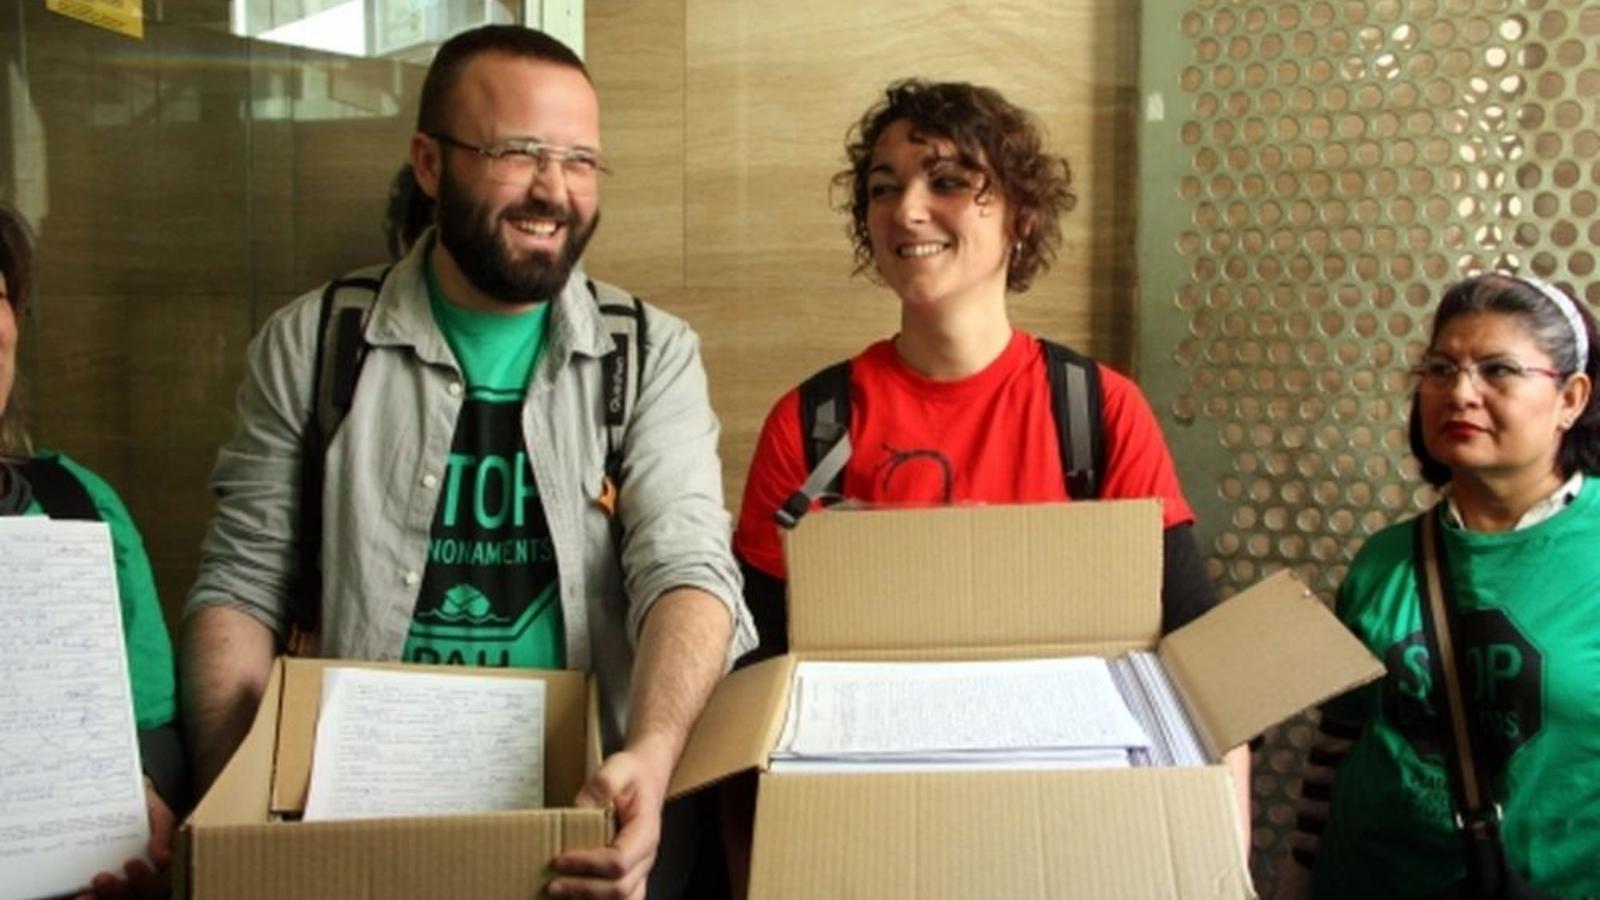 El portaveu de la PAH, Carlos Macías i la portaveu de l'Aliança contra la Pobresa Energètica, Maria Campuzano quan van entregar les primeres 40.000 firmes recollides / Raquel Garcia ACN